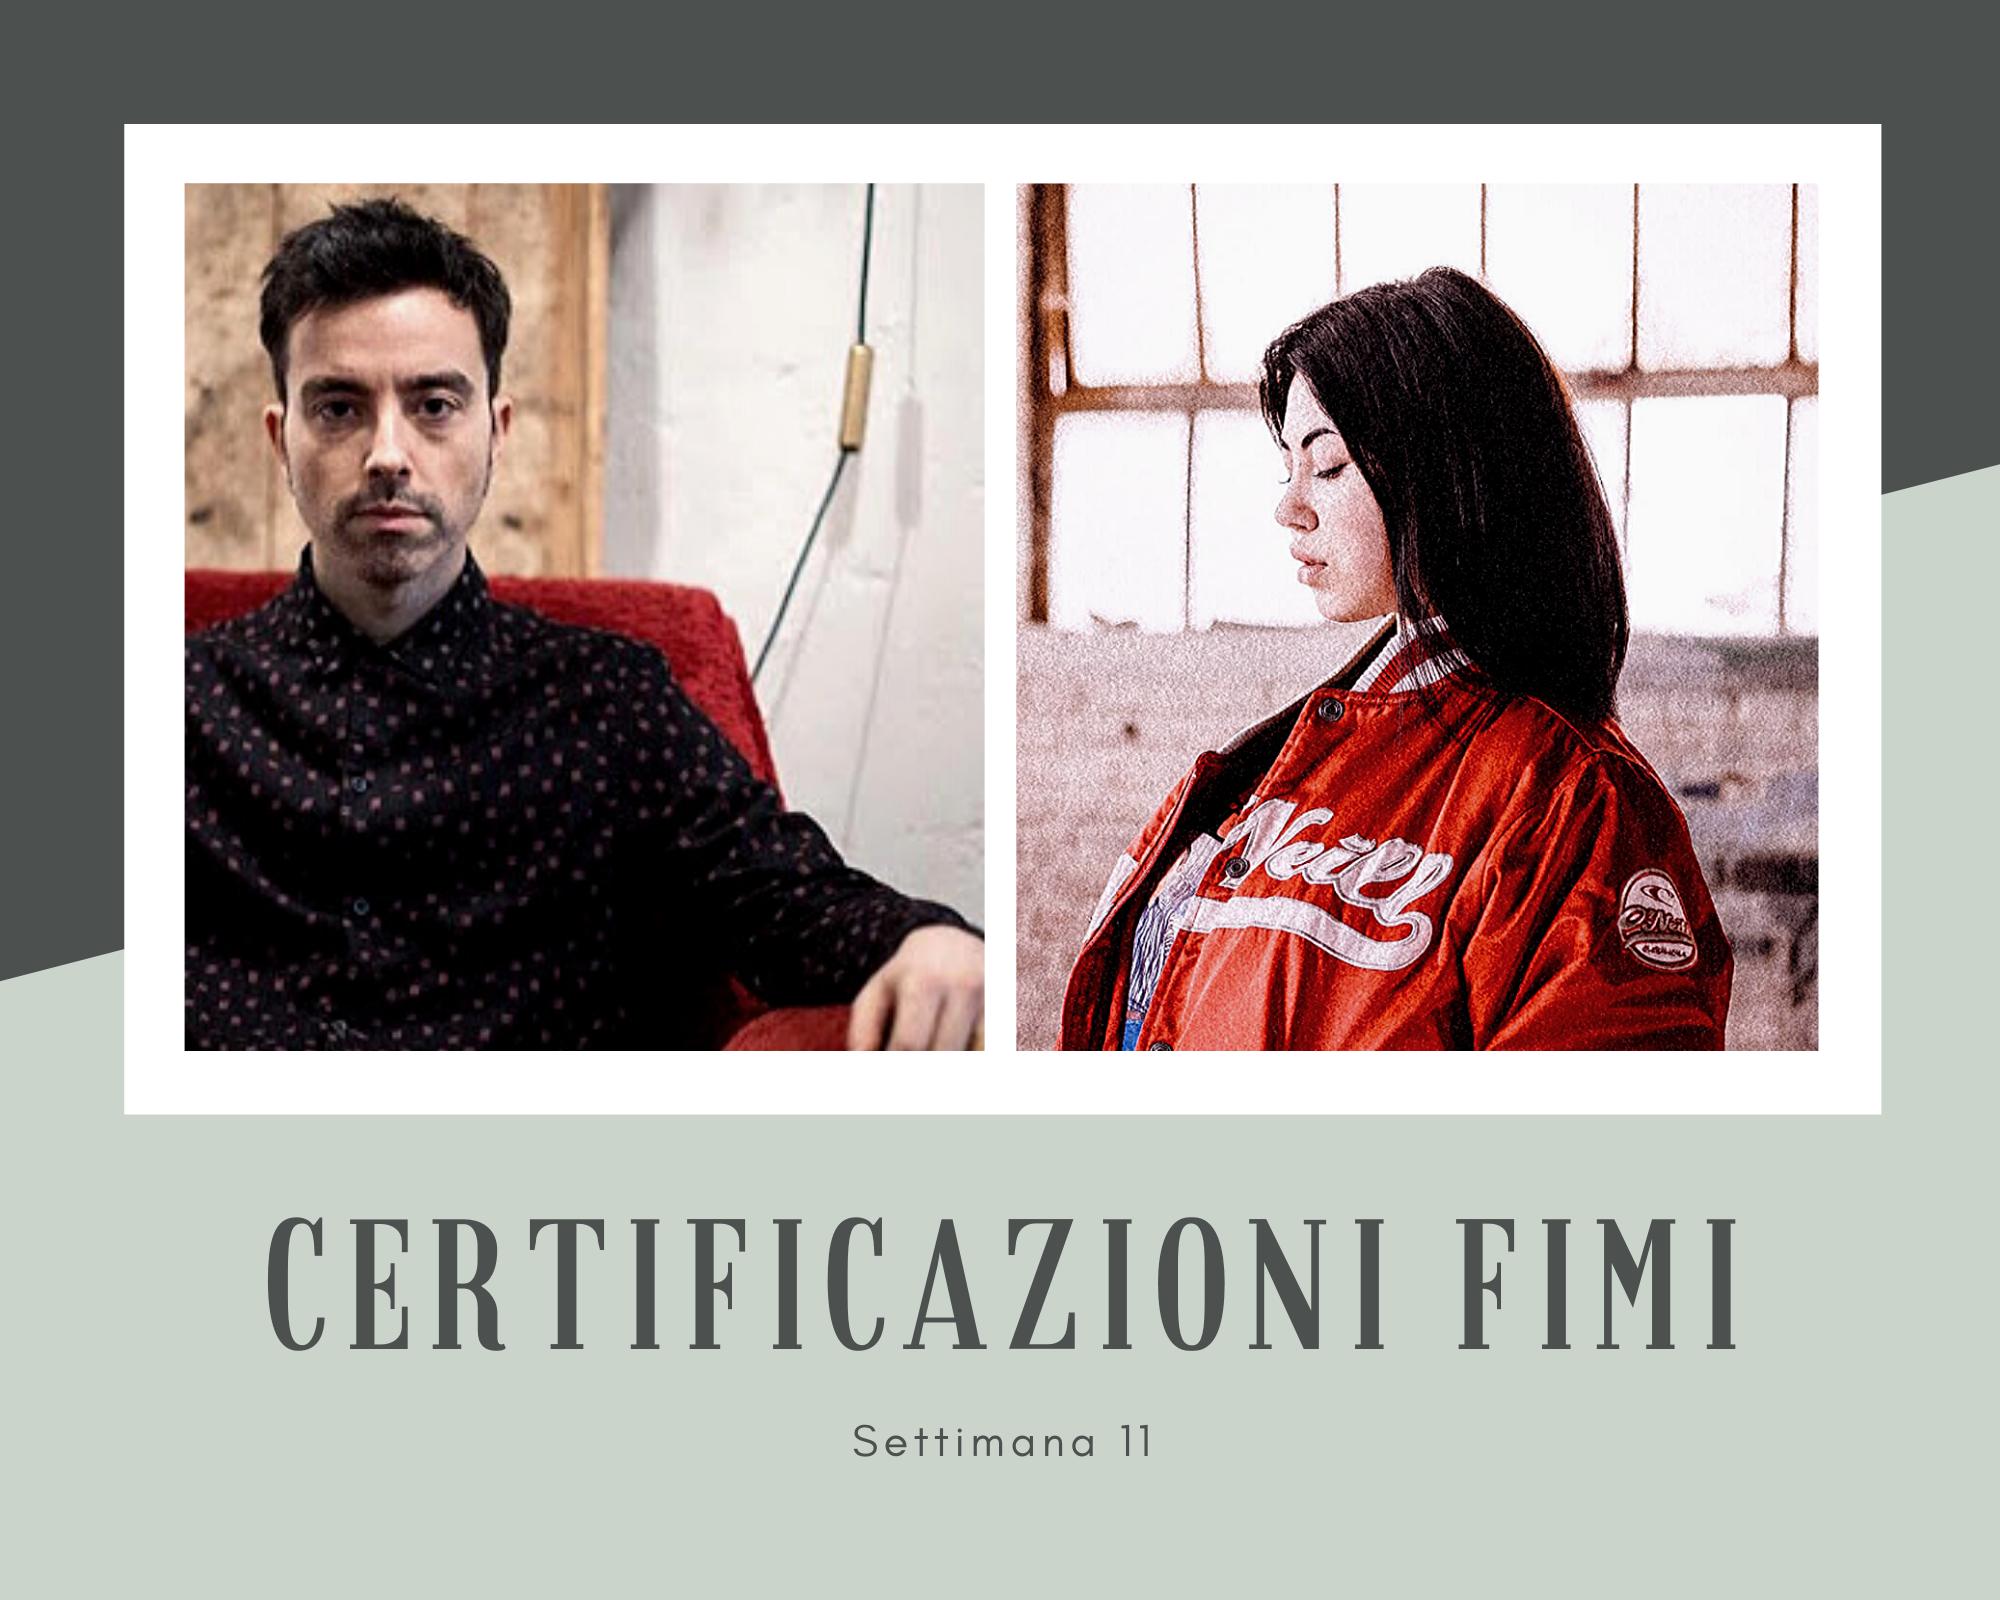 Certificazioni FIMI della settimana: per Diodato primo platino sanremese, per la rivelazione Anna primo oro